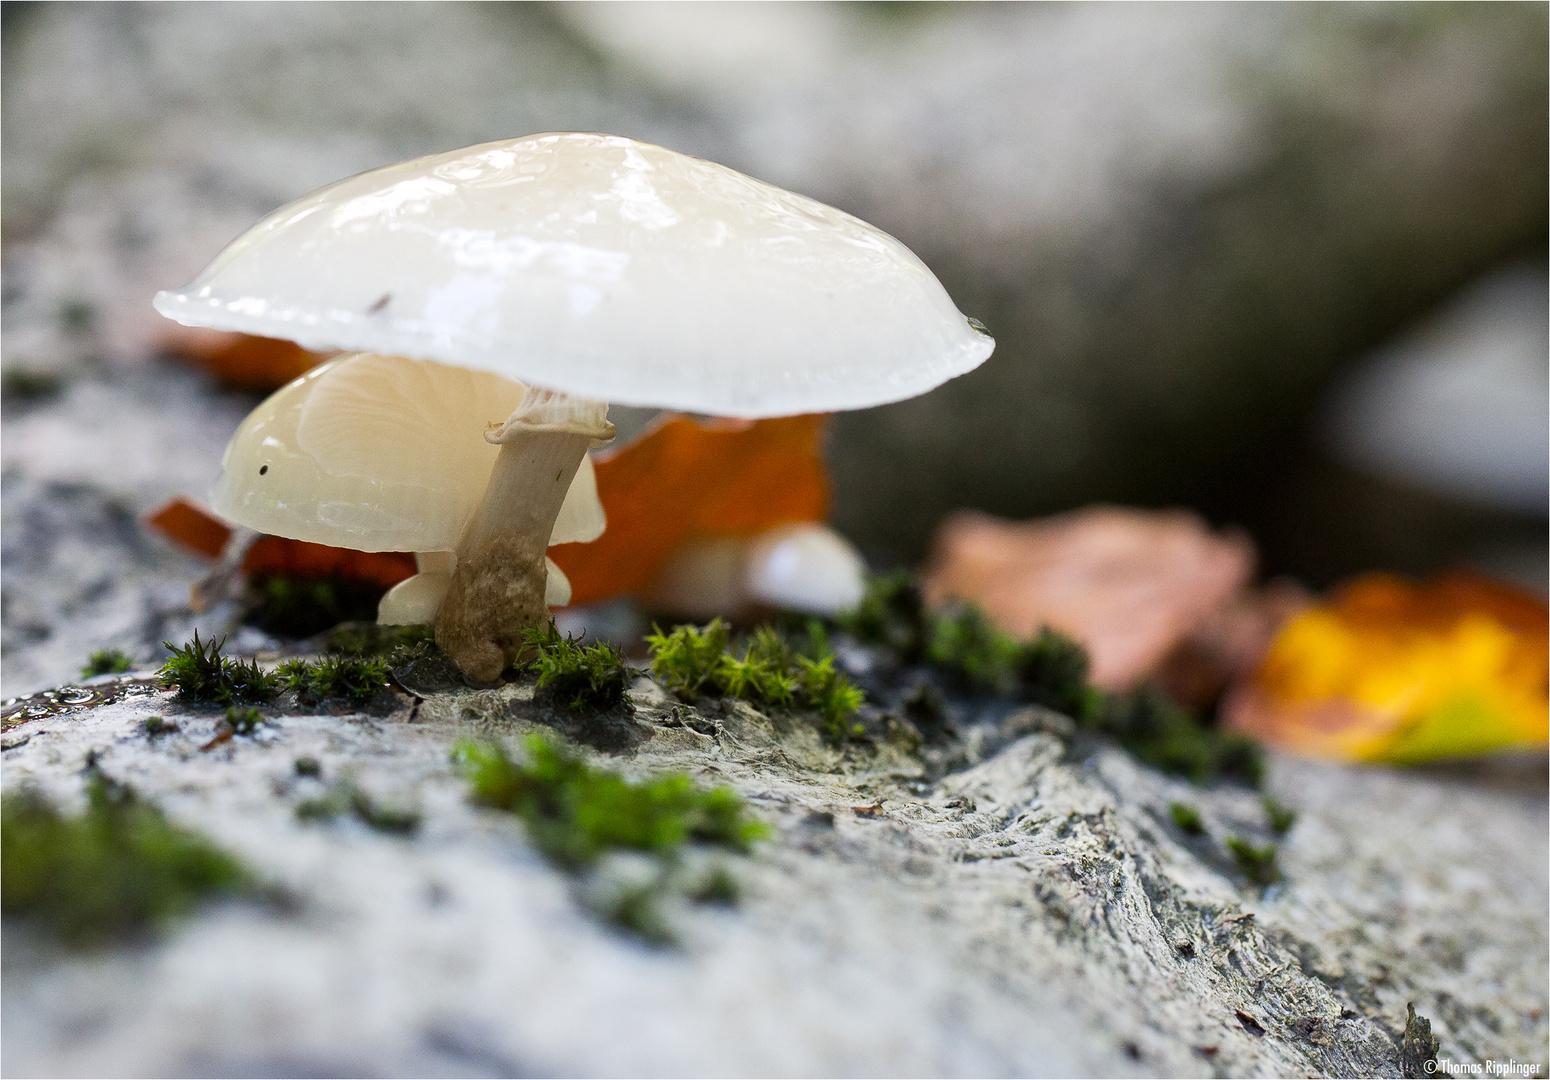 Buchen- oder Beringter Schleimrübling (Oudemansiella mucida).